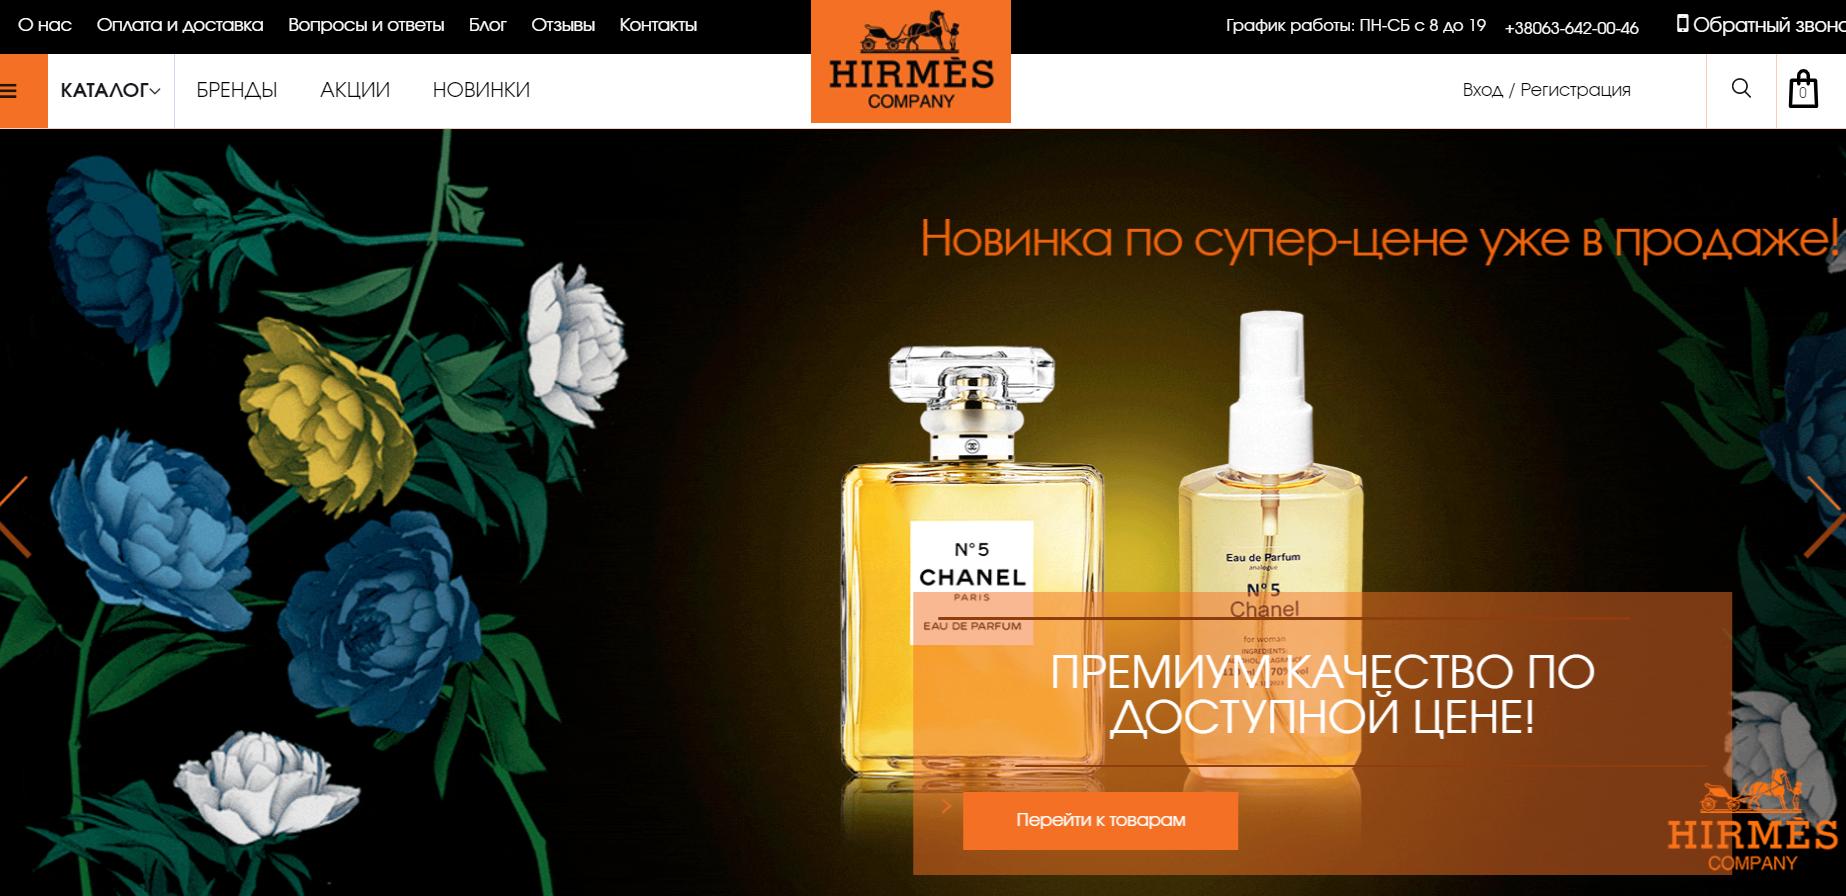 Интернет-магазин Hirmes